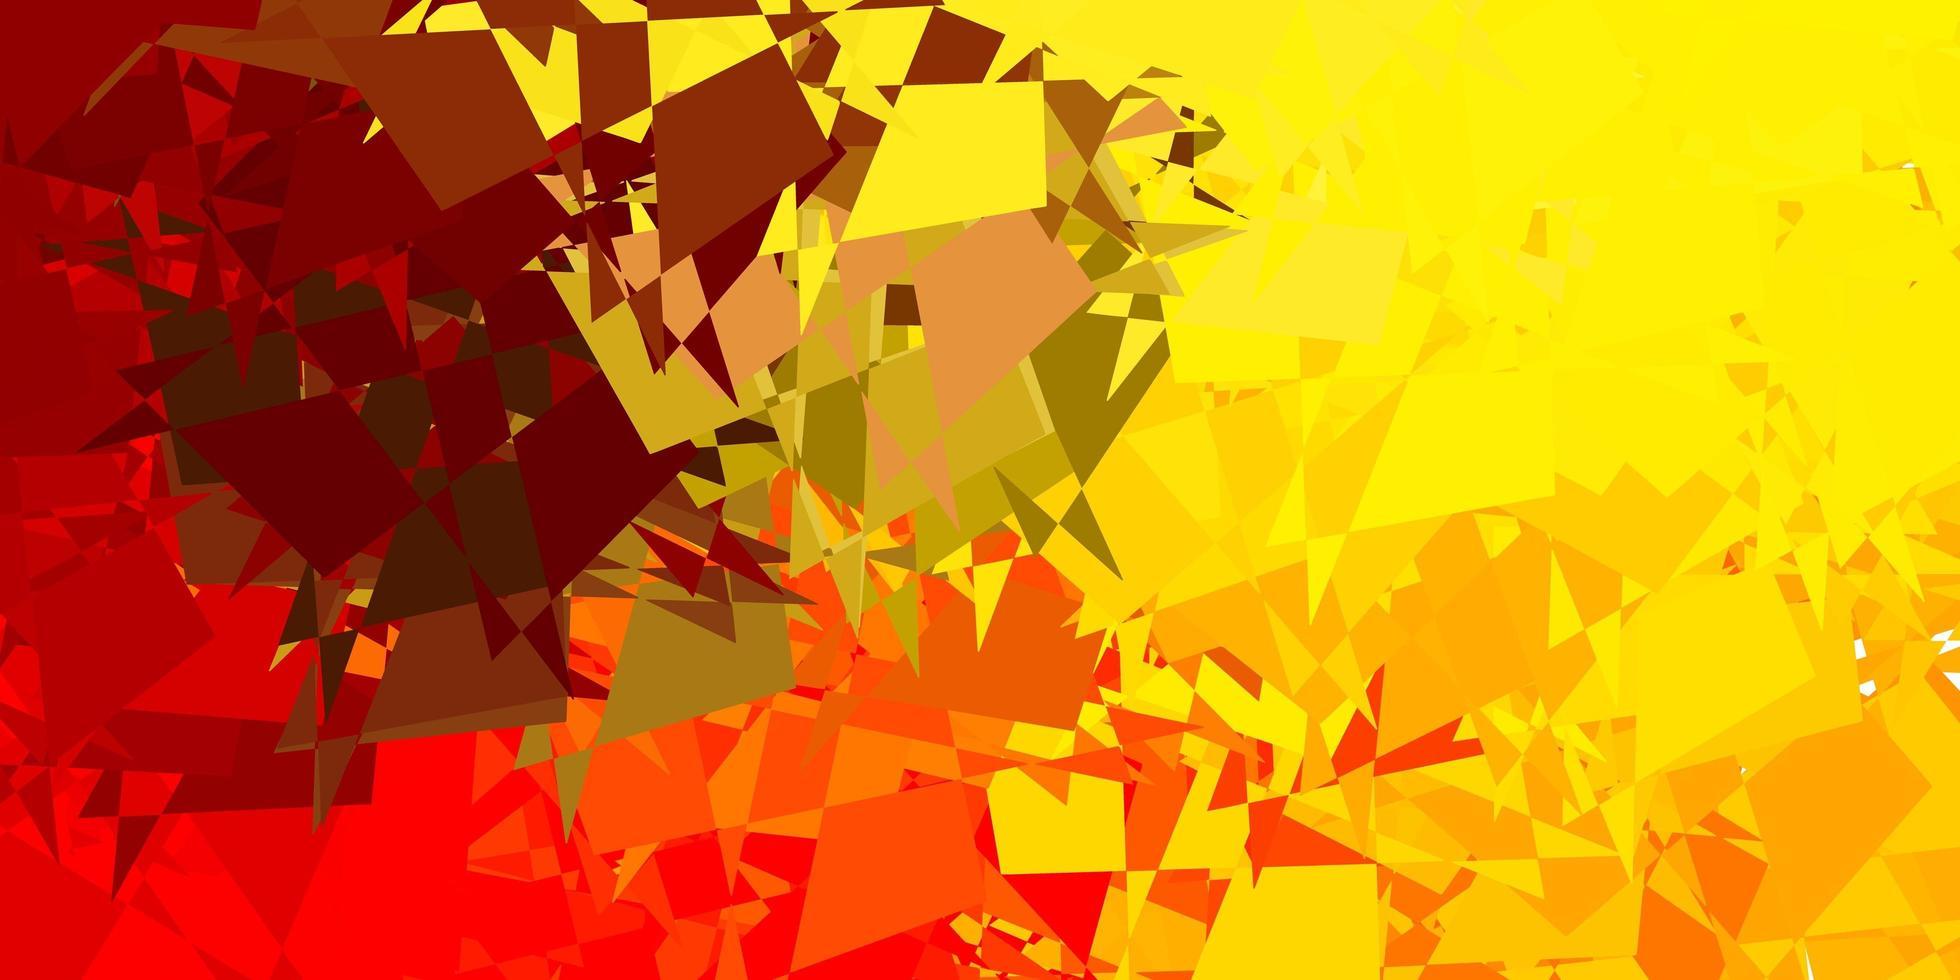 fond rouge clair, jaune avec des formes aléatoires. vecteur